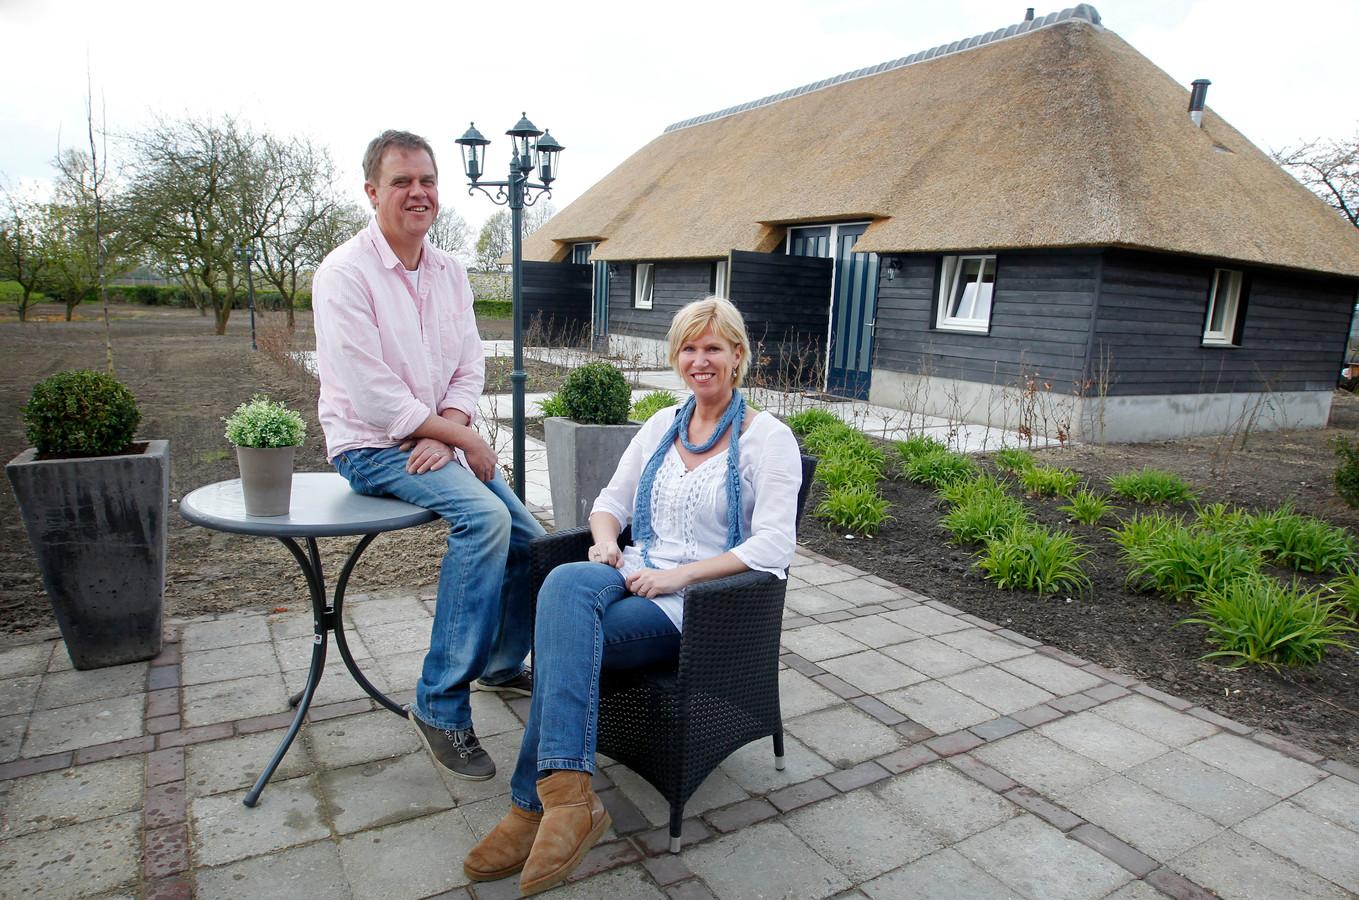 da55ca376a5 Bed and breakfast en woonboerderij Someren te koop: 1,3 miljoen euro ...